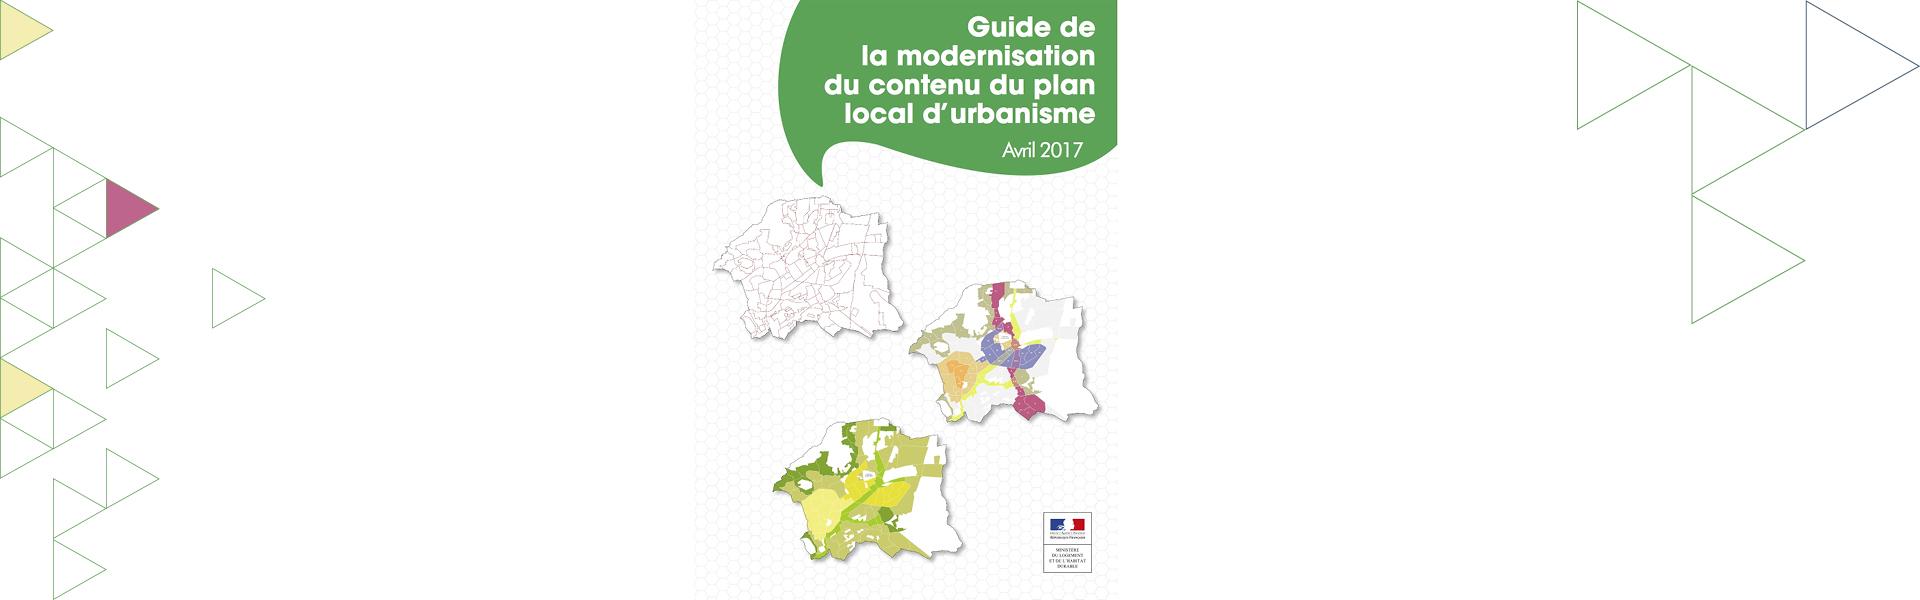 Modernisation du contenu du PLU/PLUi : un guide pratique du Ministère pour accompagner les collectivités